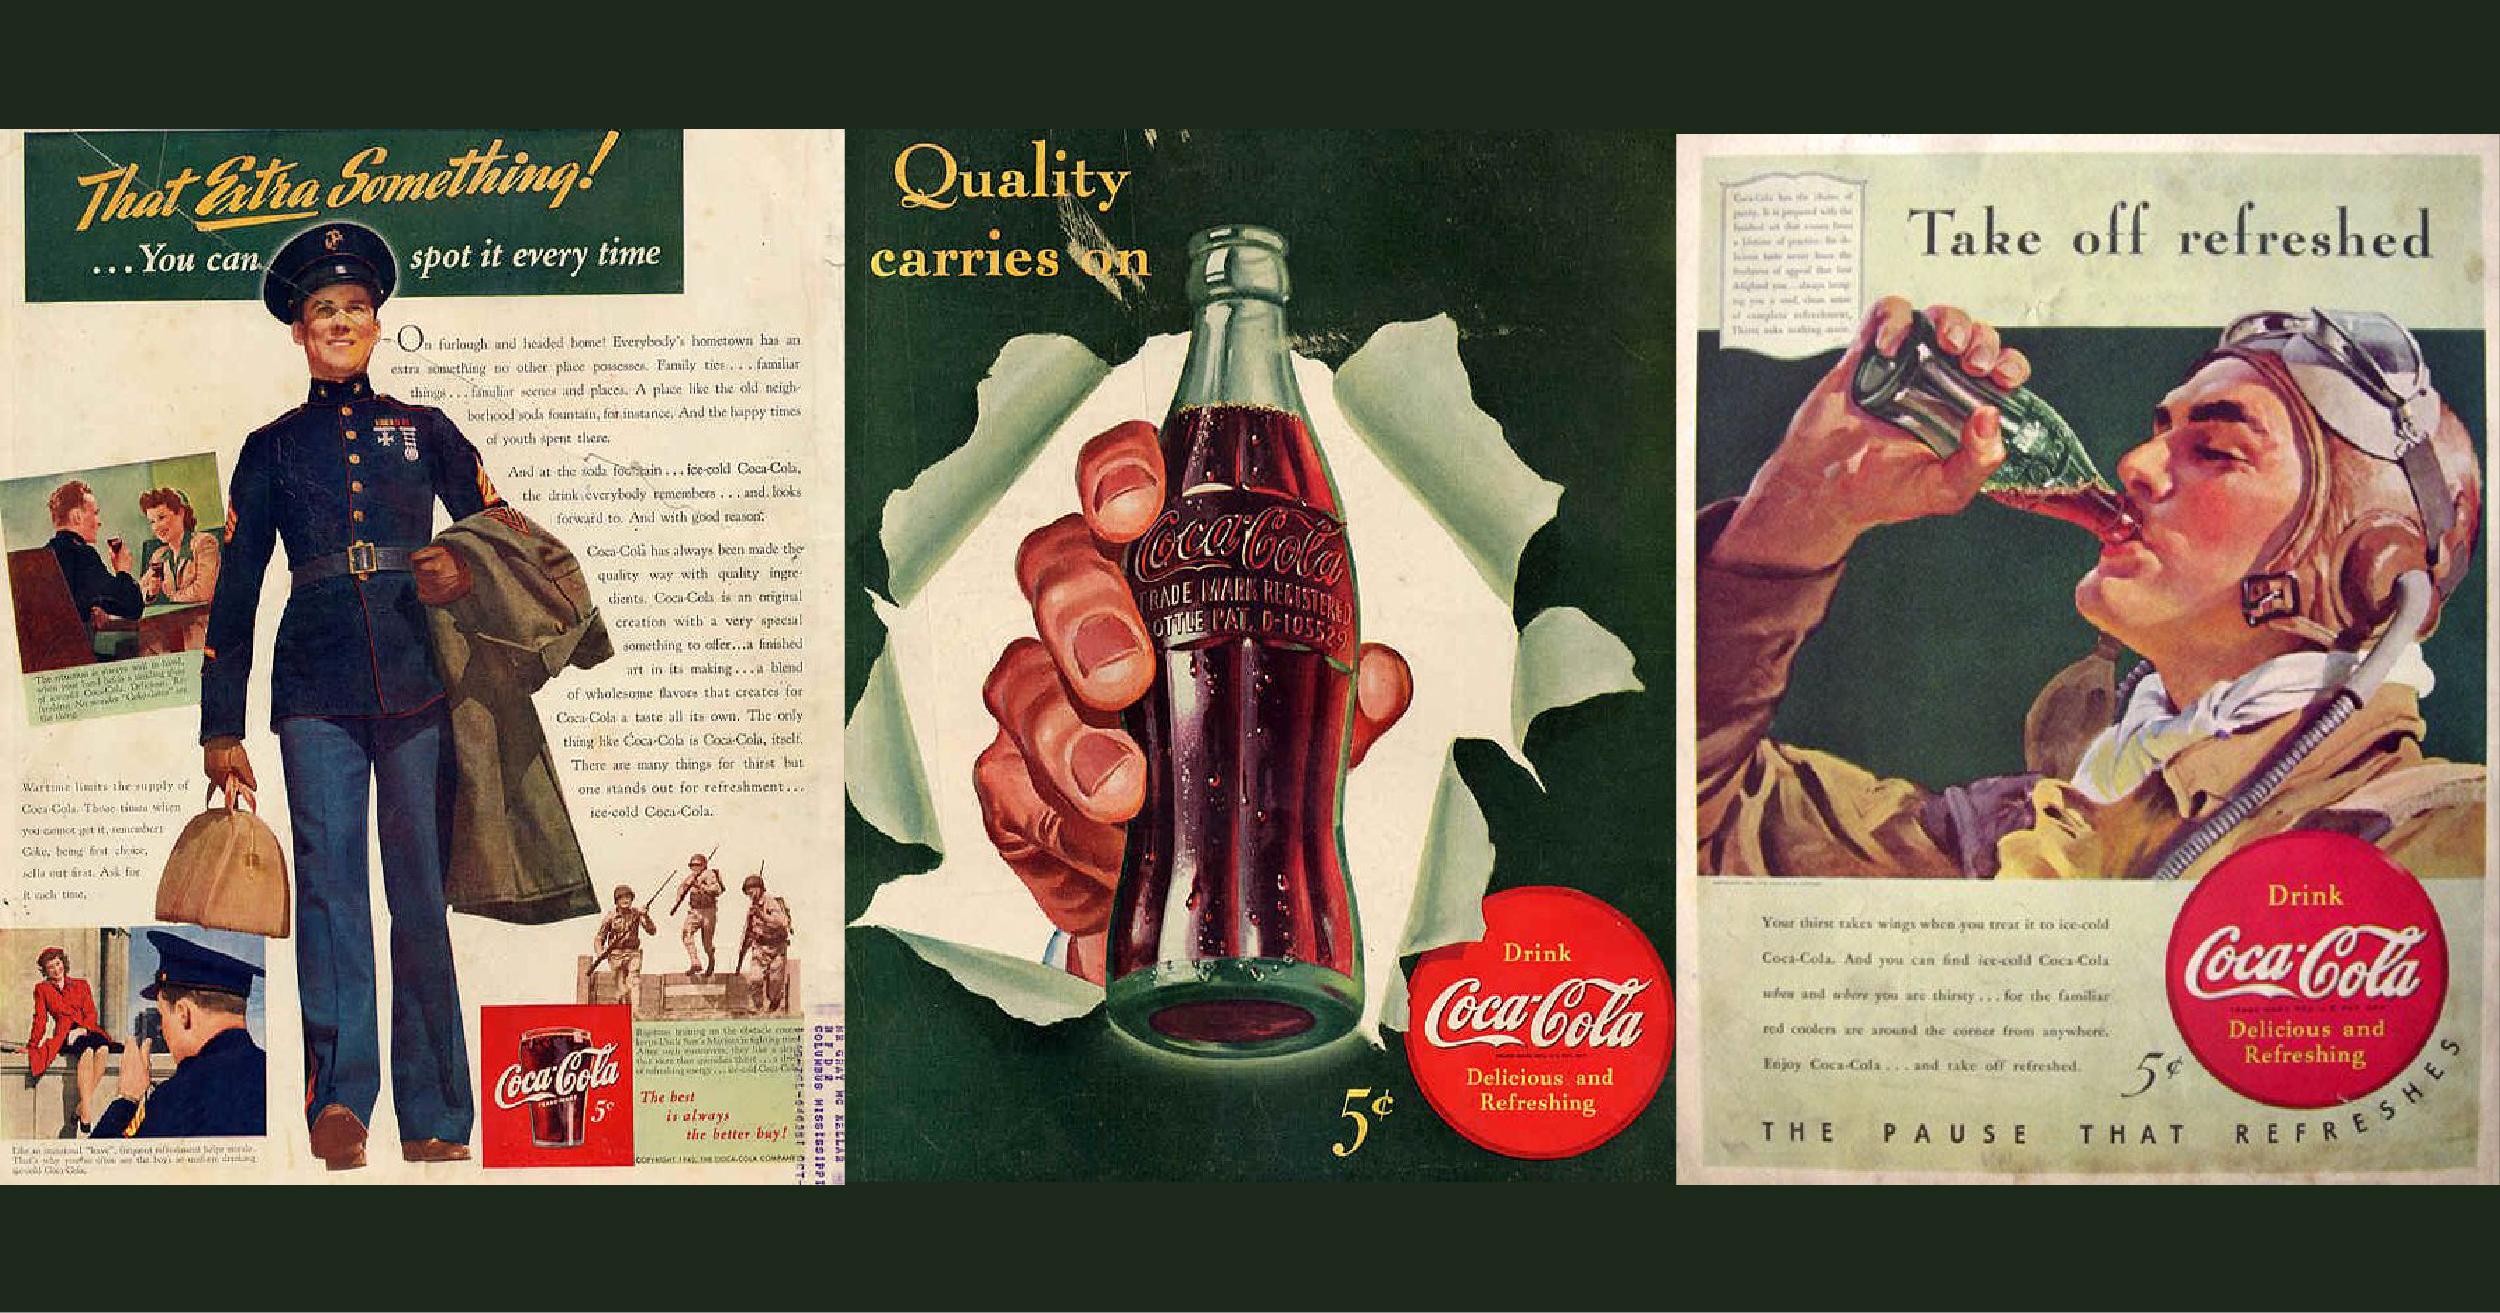 Quay ngược thời gian để chiêm ngưỡng các quảng cáo ấn tượng của Coca-Cola